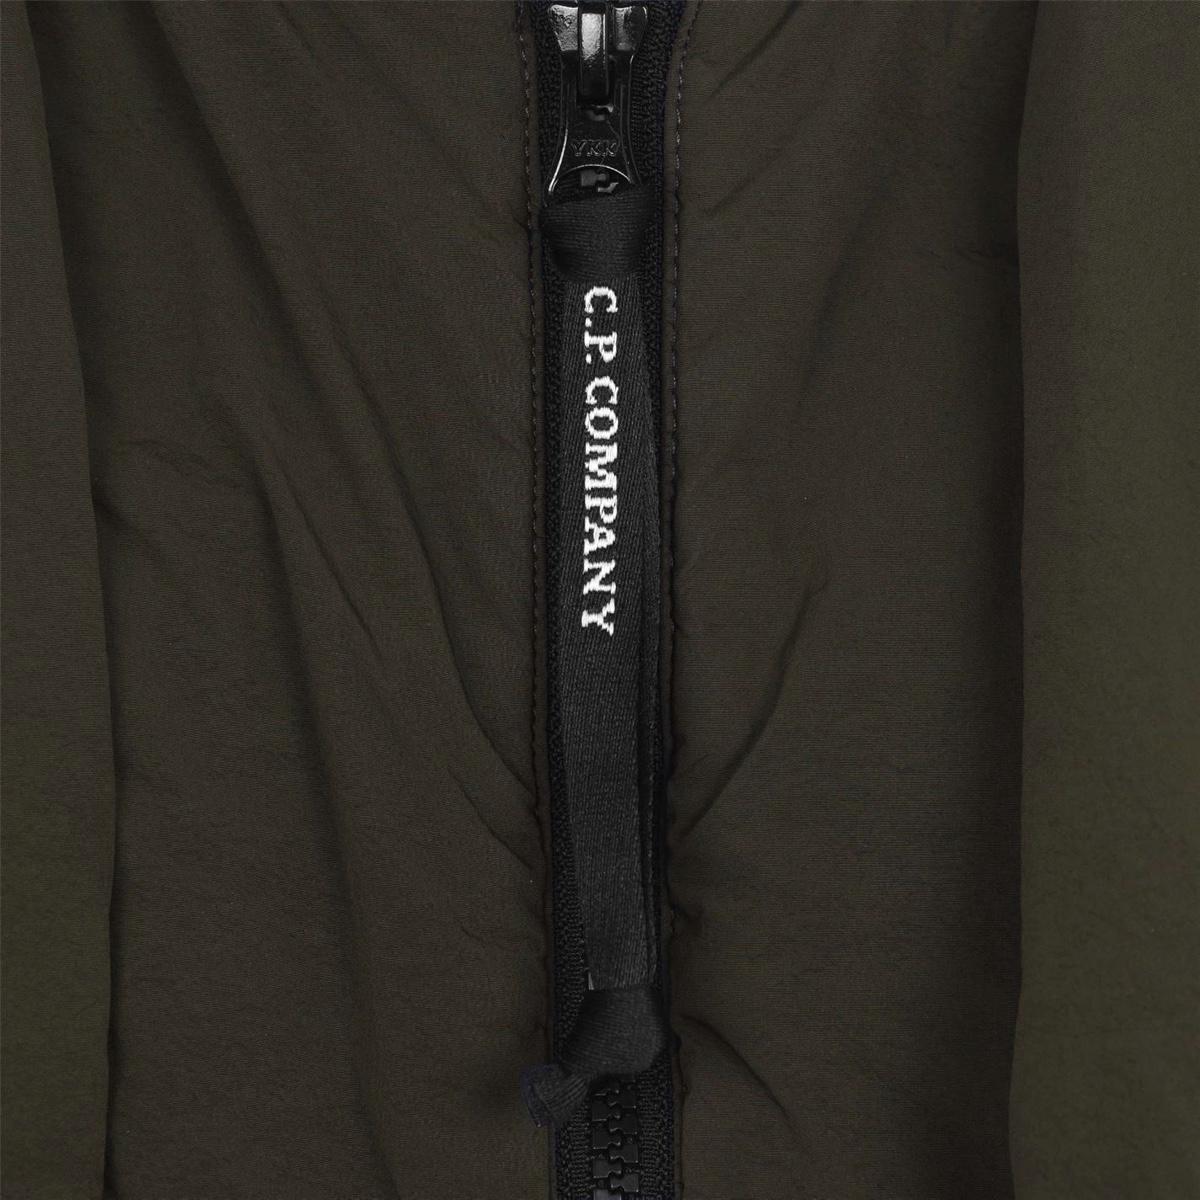 CP 8A0 Blazer Detail1.jpg